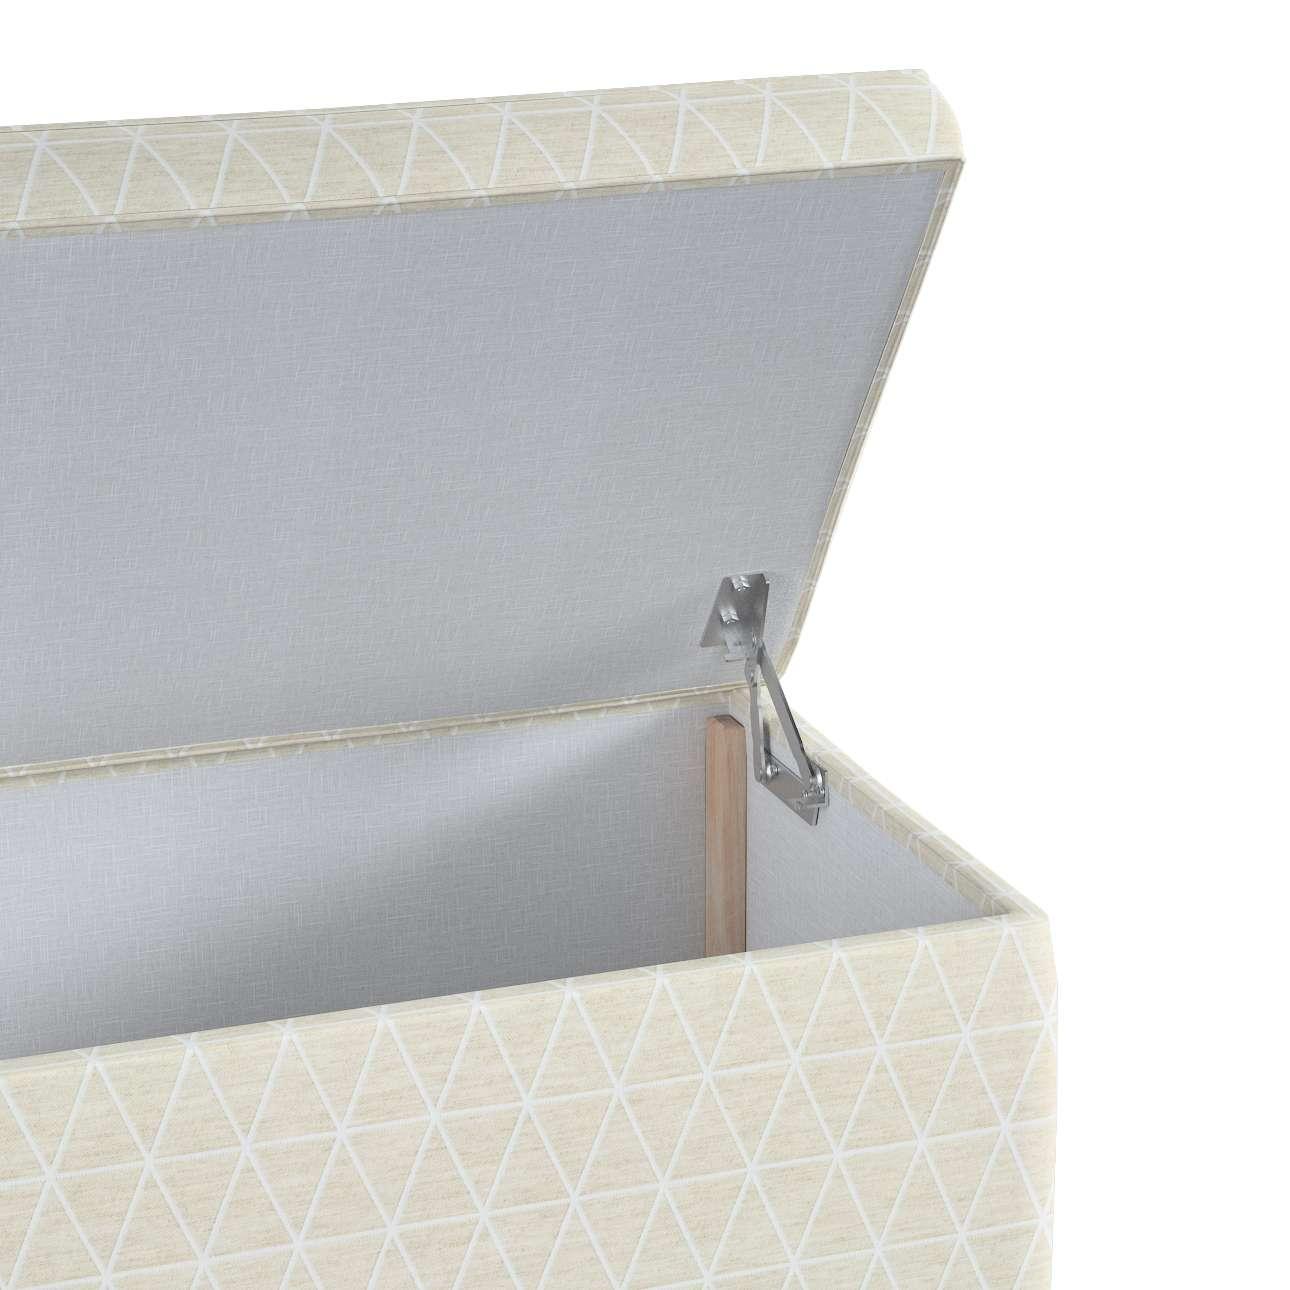 Truhlica čalúnená V kolekcii Sunny, tkanina: 143-49